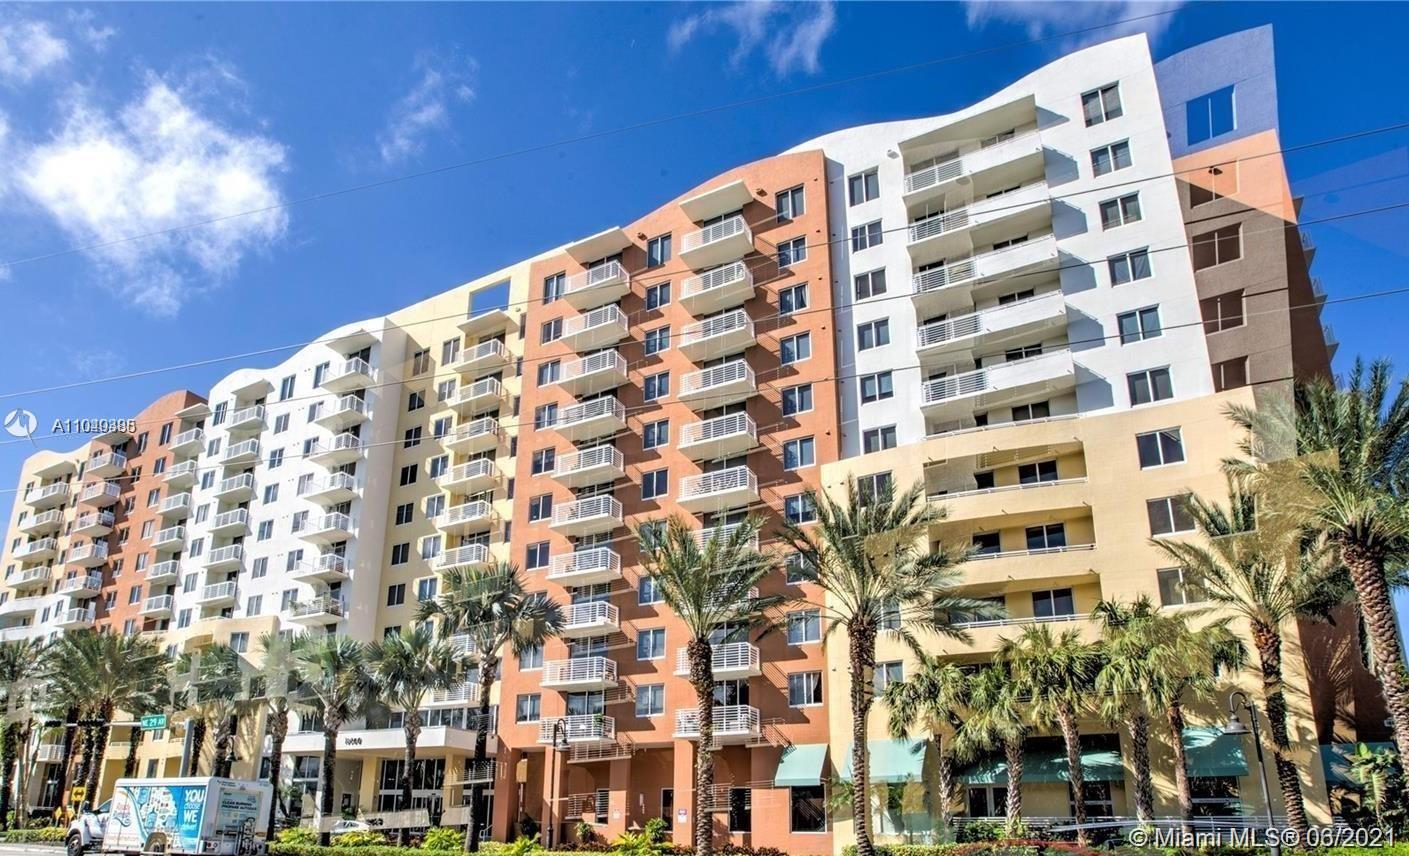 18800 NE 29th Ave #529 For Sale A11049385, FL